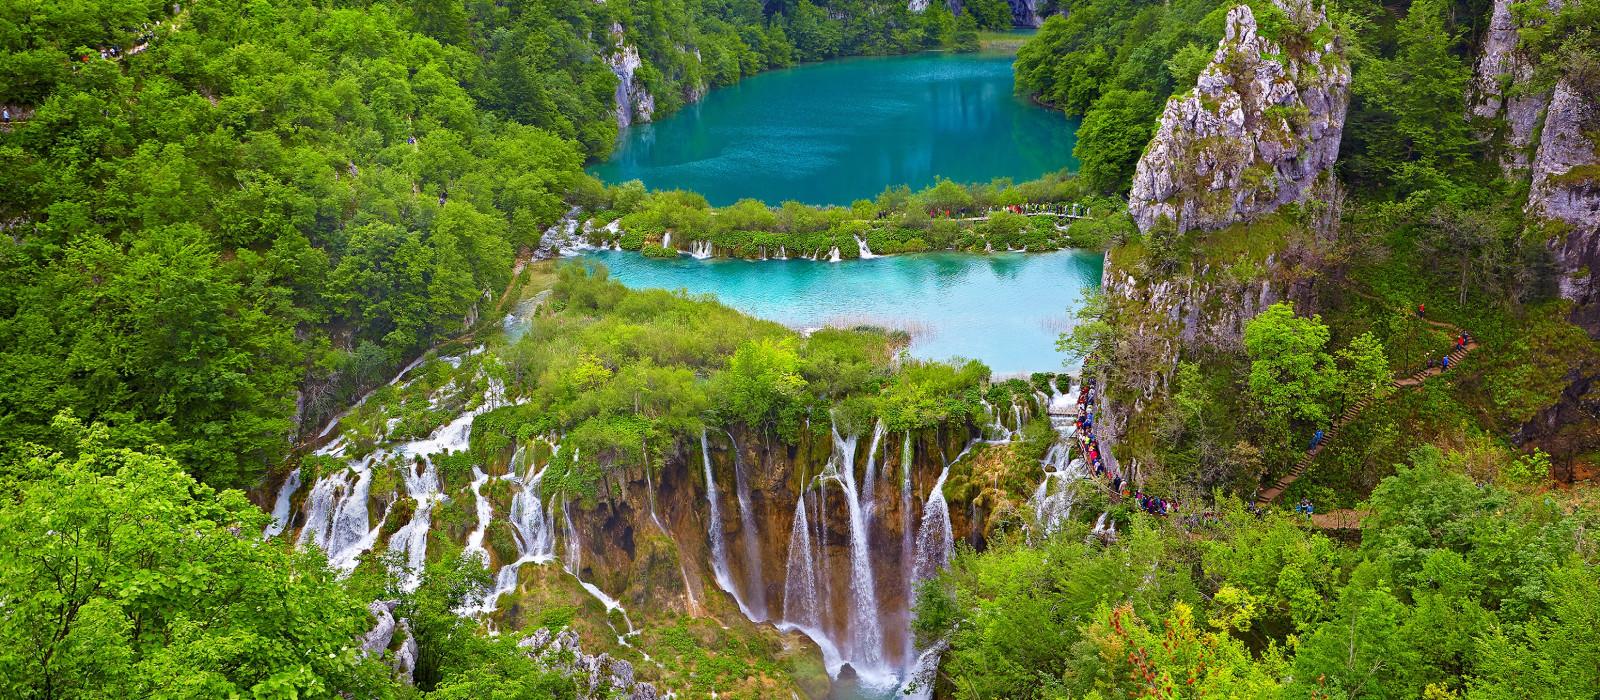 Nordkroatien & Slowenien – Seen, entdecken und entspannen Urlaub 1